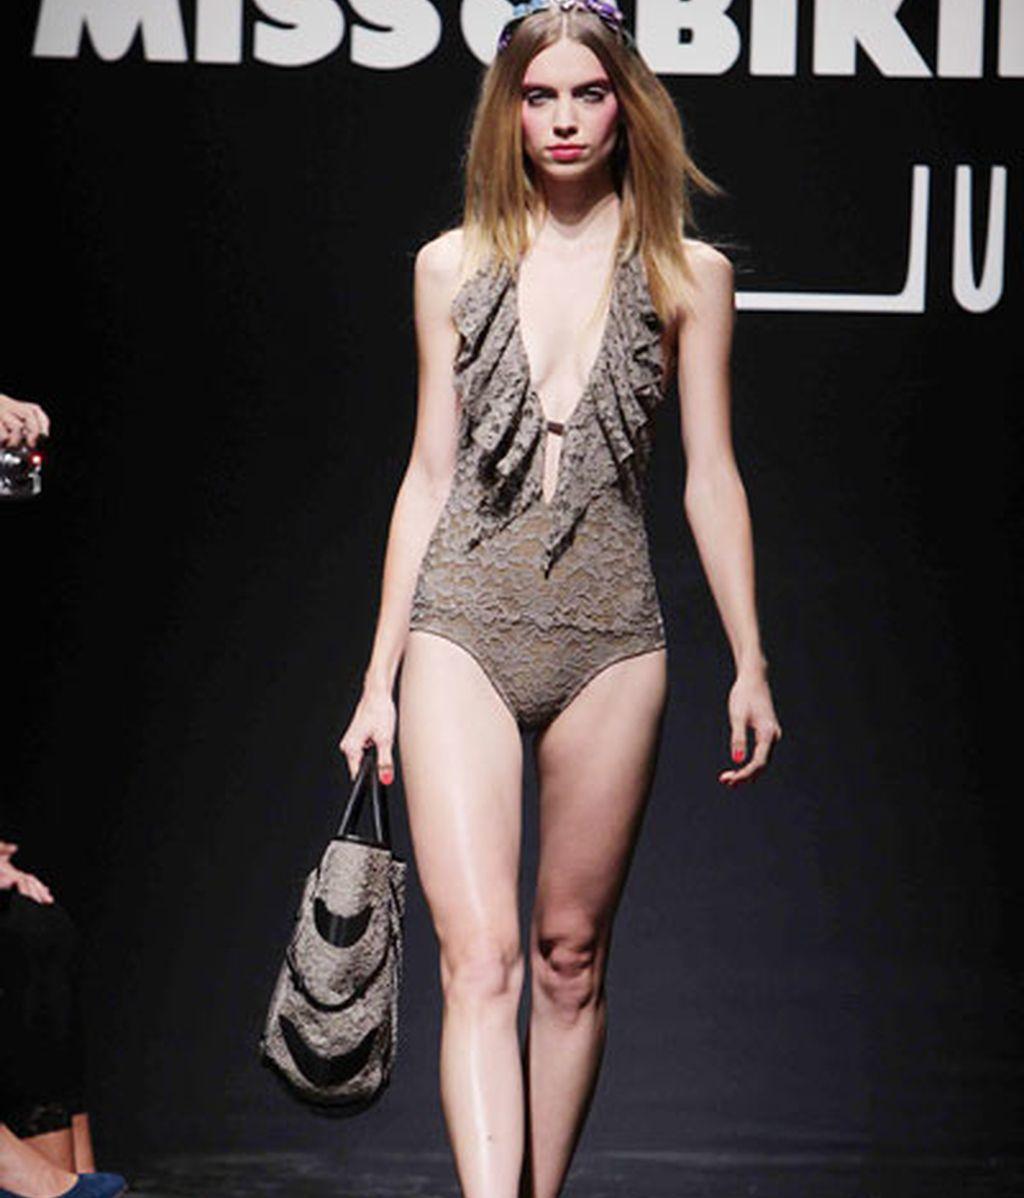 ¿Anorexia sobre la pasarela?